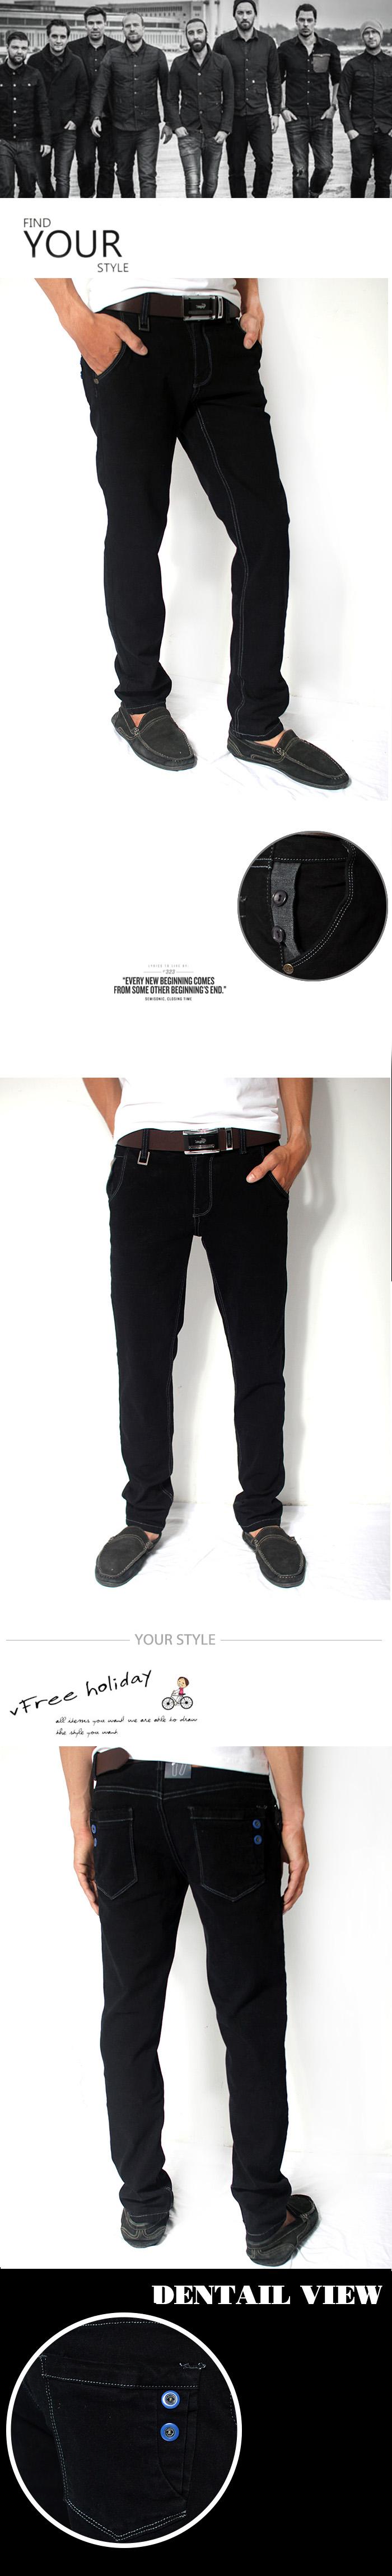 Quần jean xanh đen qj1164 - 1